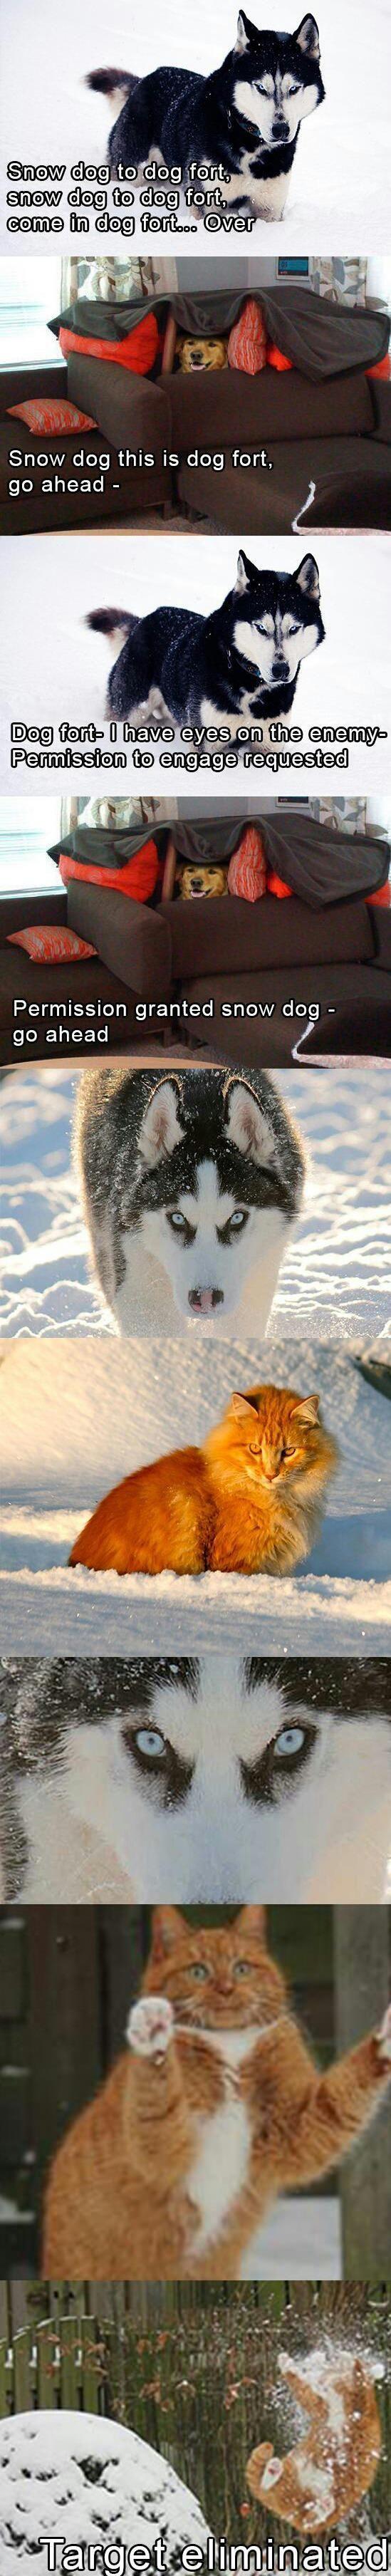 Pet wars